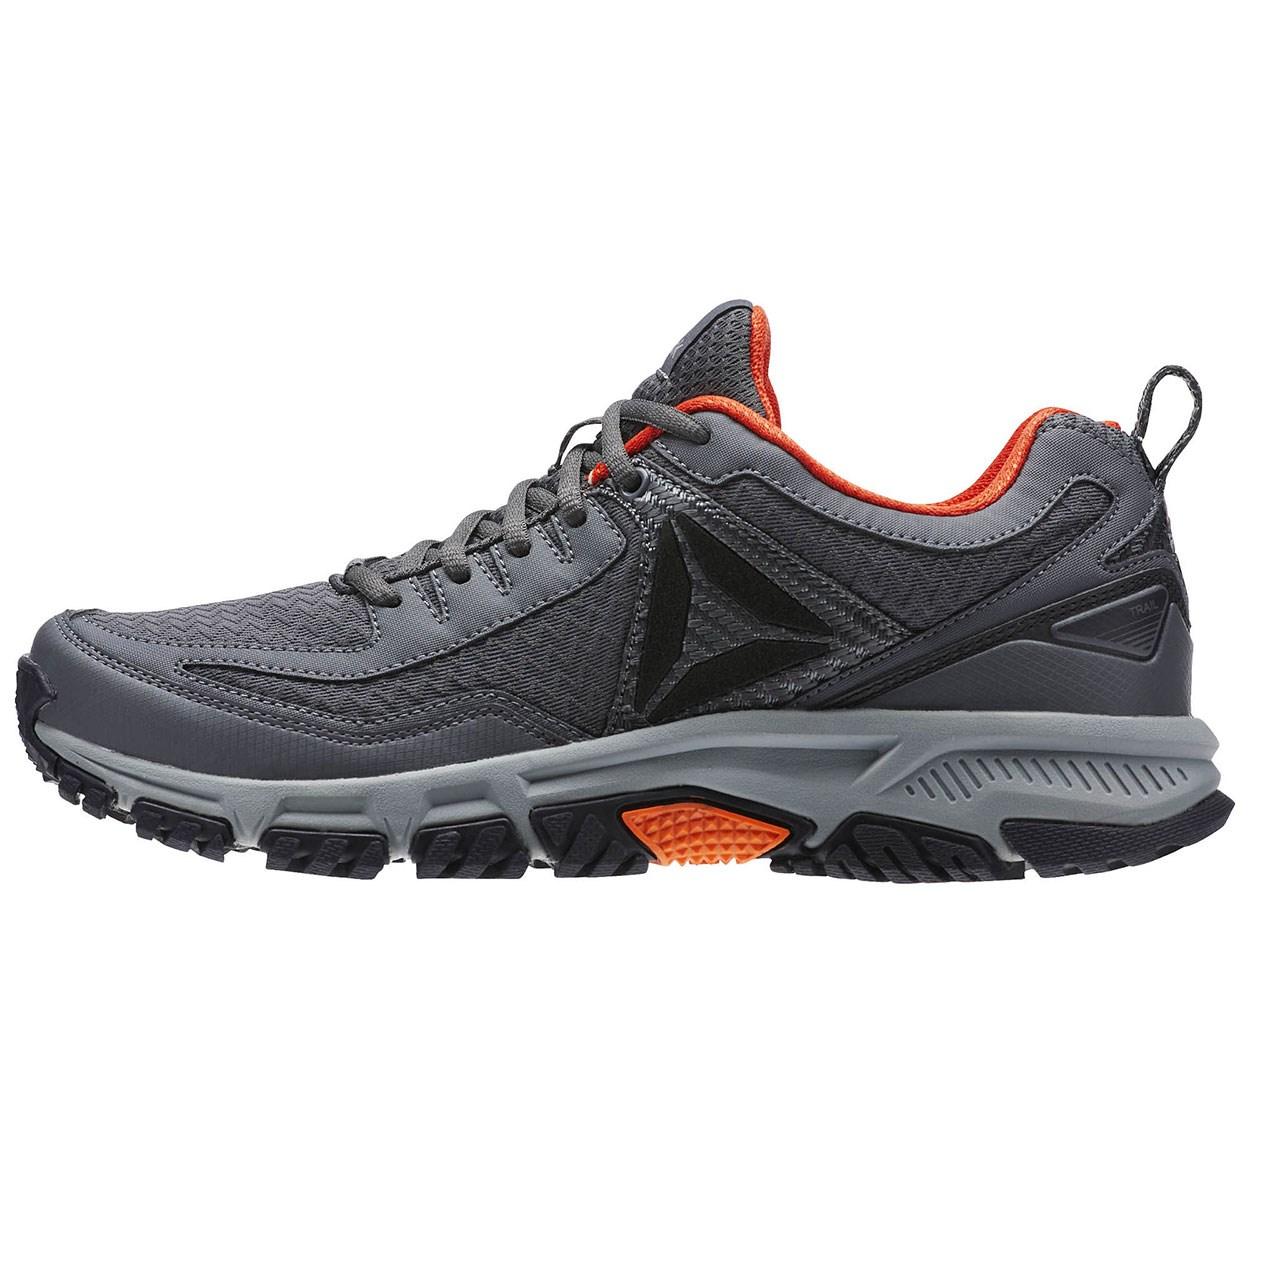 کفش مخصوص پیاده روی مردانه ریباک مدل Ridgeride